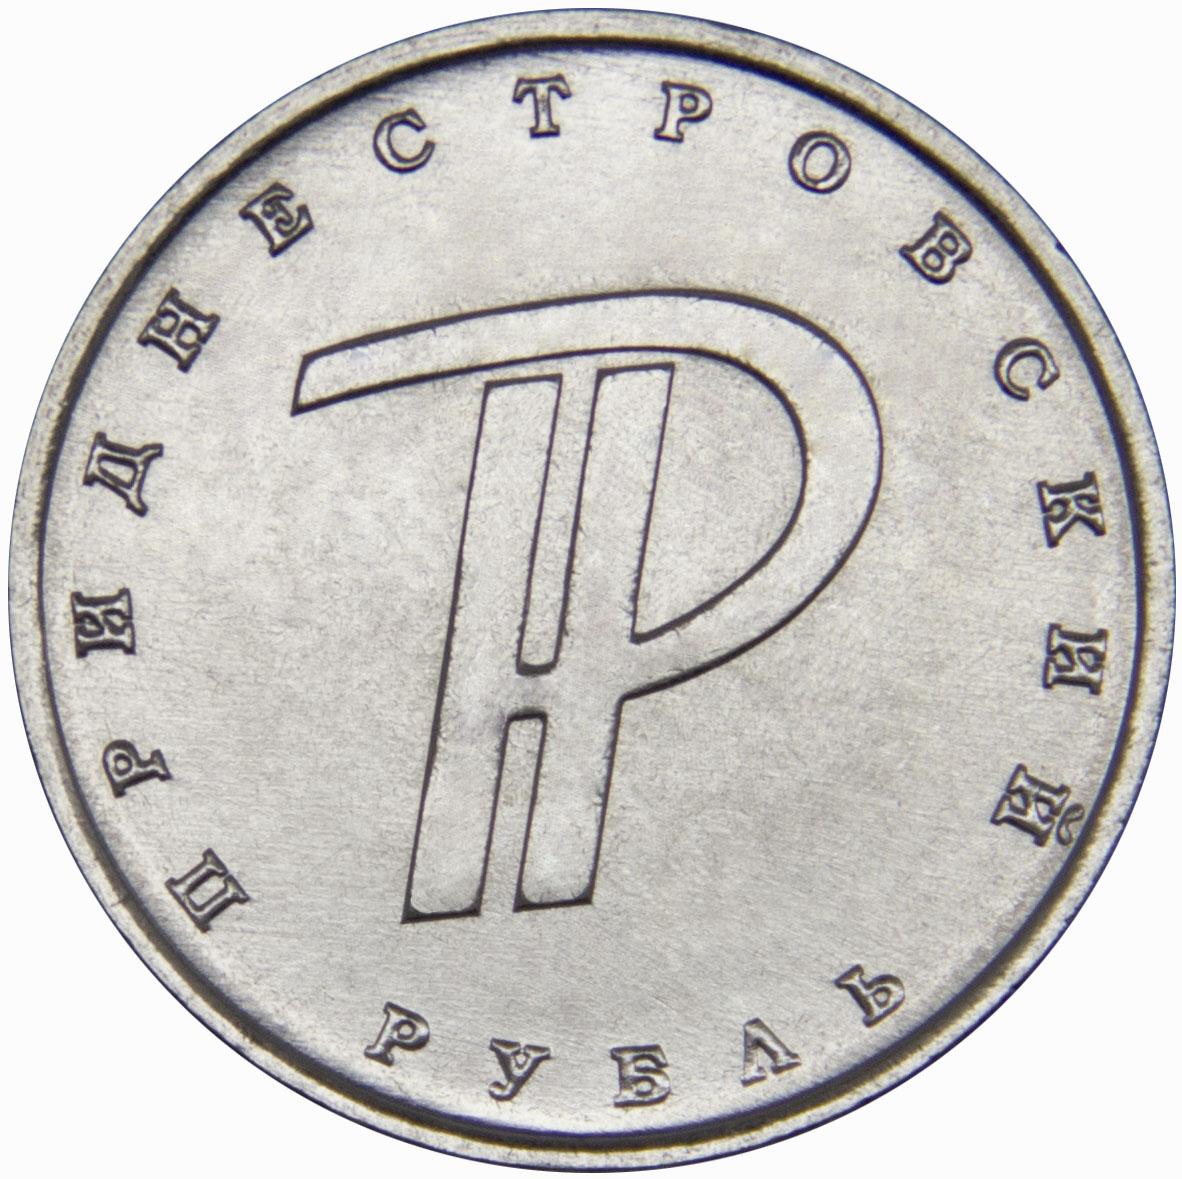 Монета номиналом 1 рубль Графическое изображение рубля. Приднестровская Молдавская Республика, 2015 год купон номиналом 1 рубль приднестровская молдавская республика 1994 год